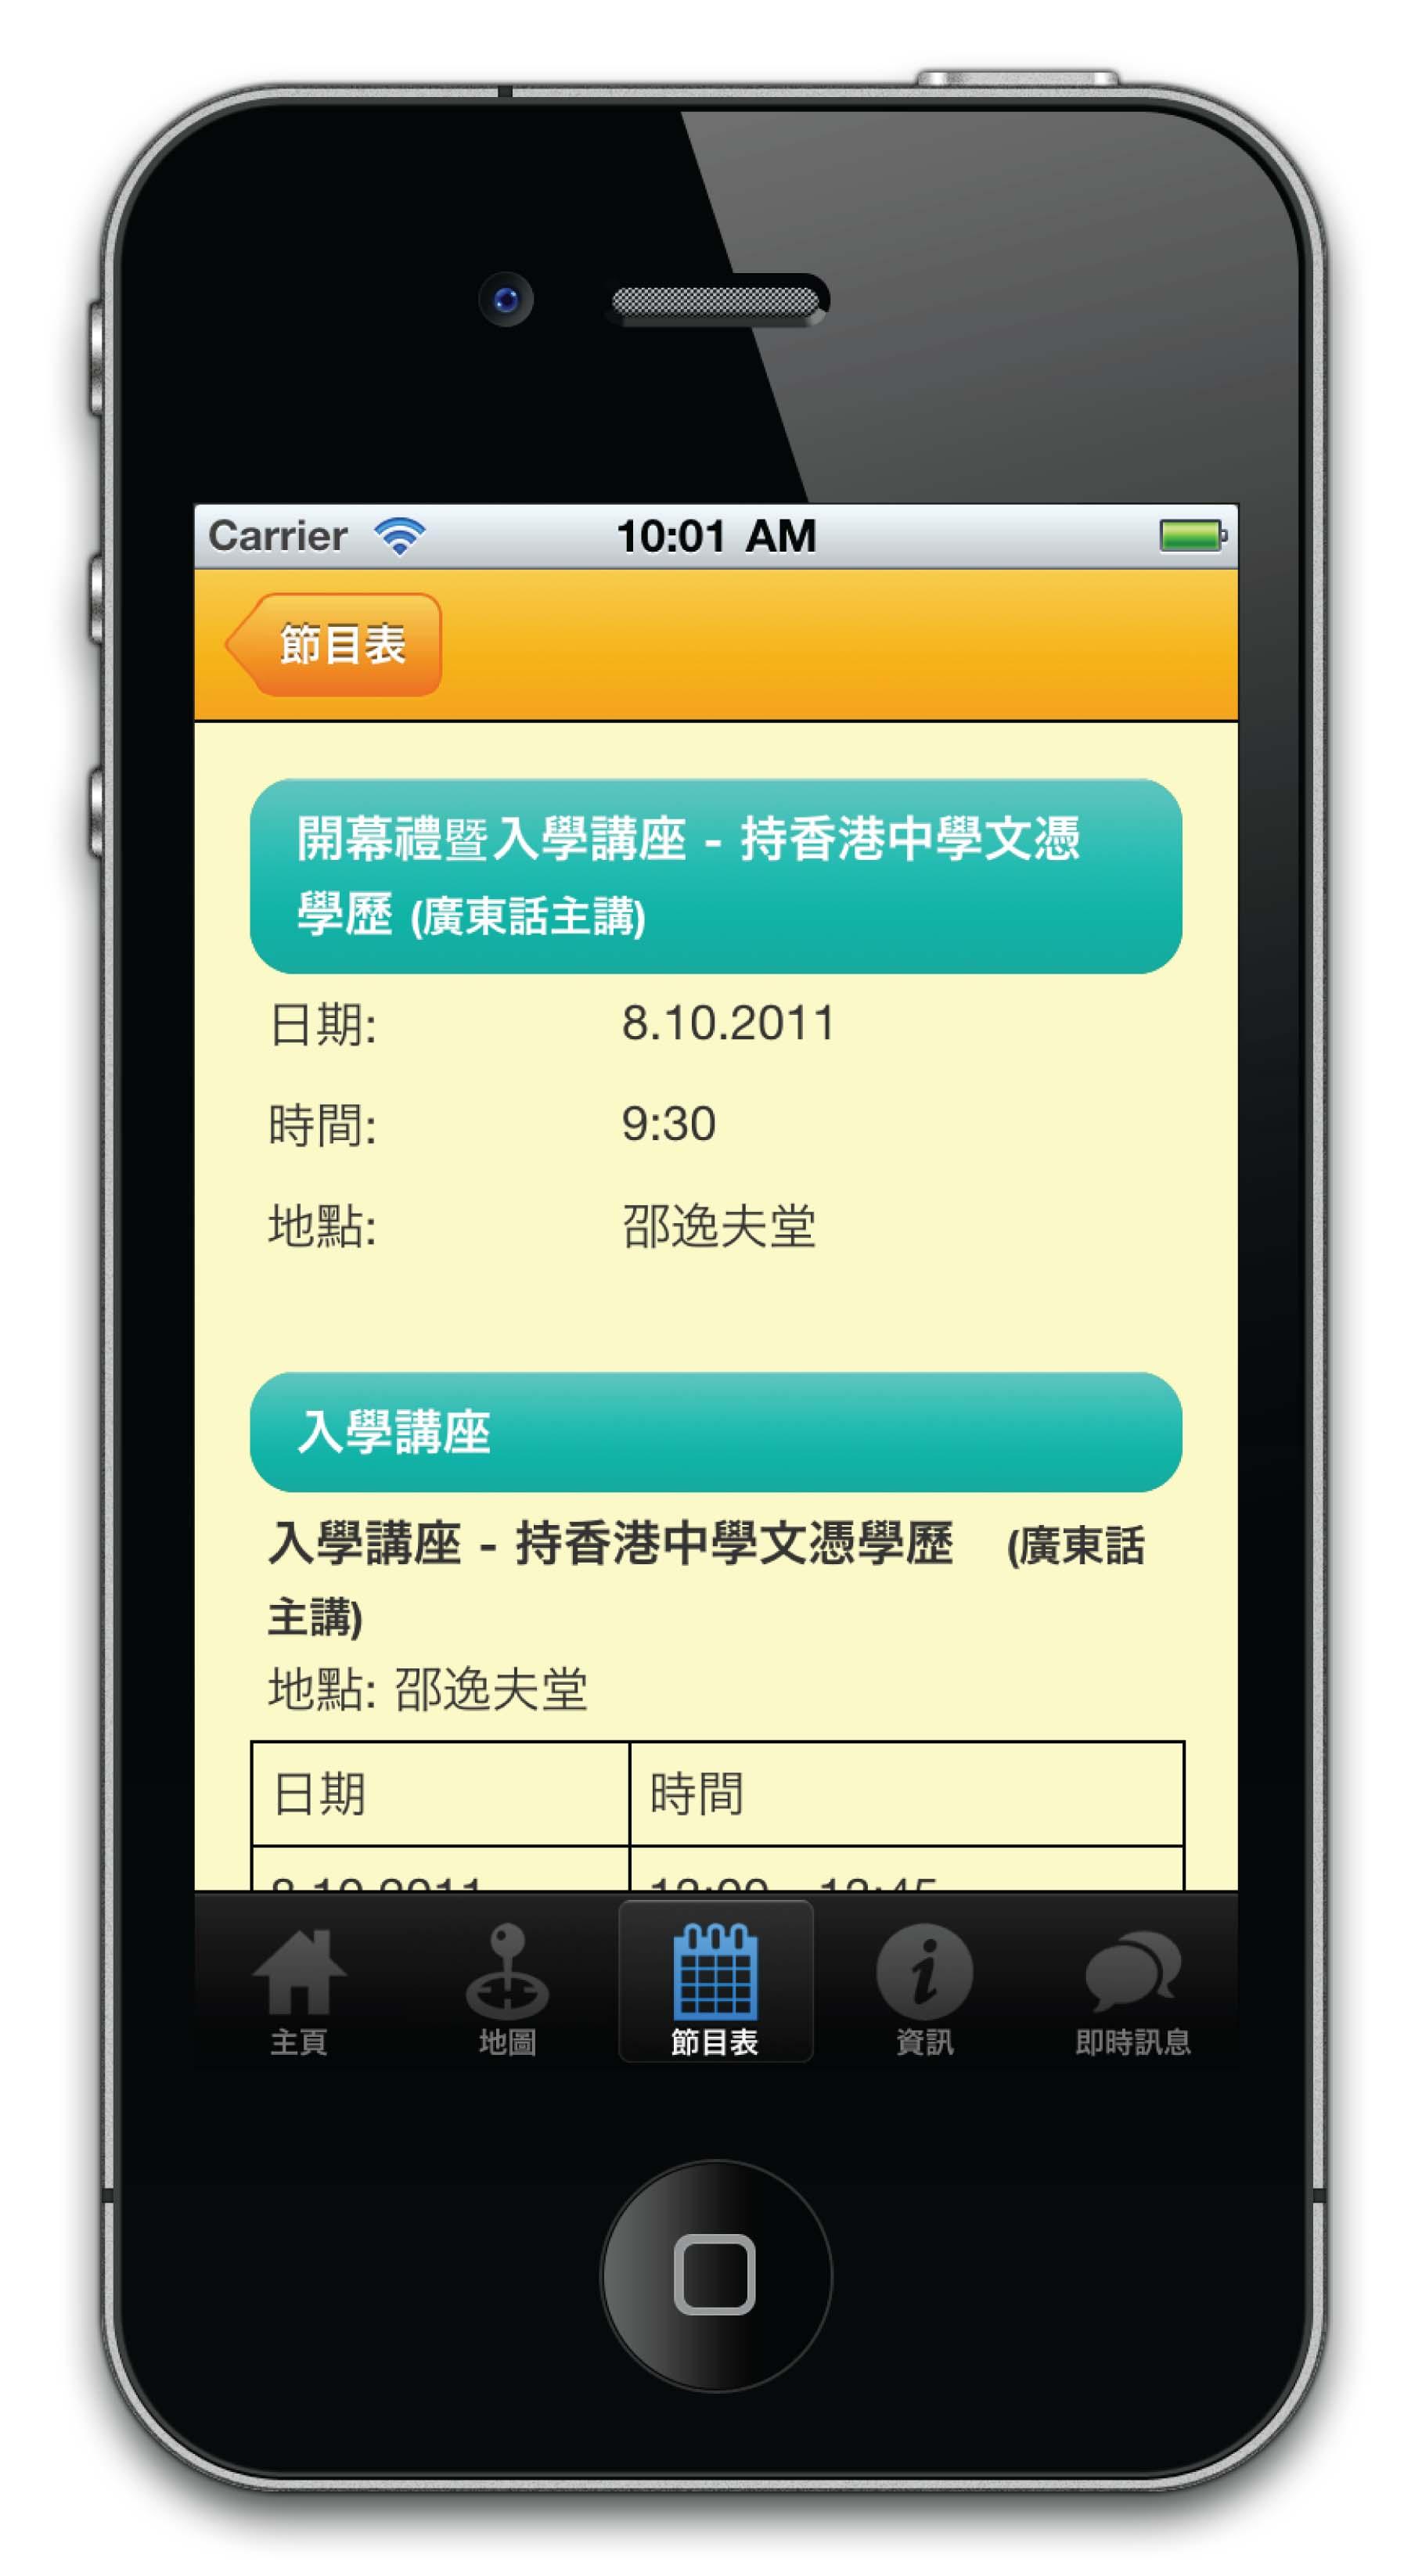 中大「本科入學資訊日」專頁提供10月8日及9日兩天的活動詳情